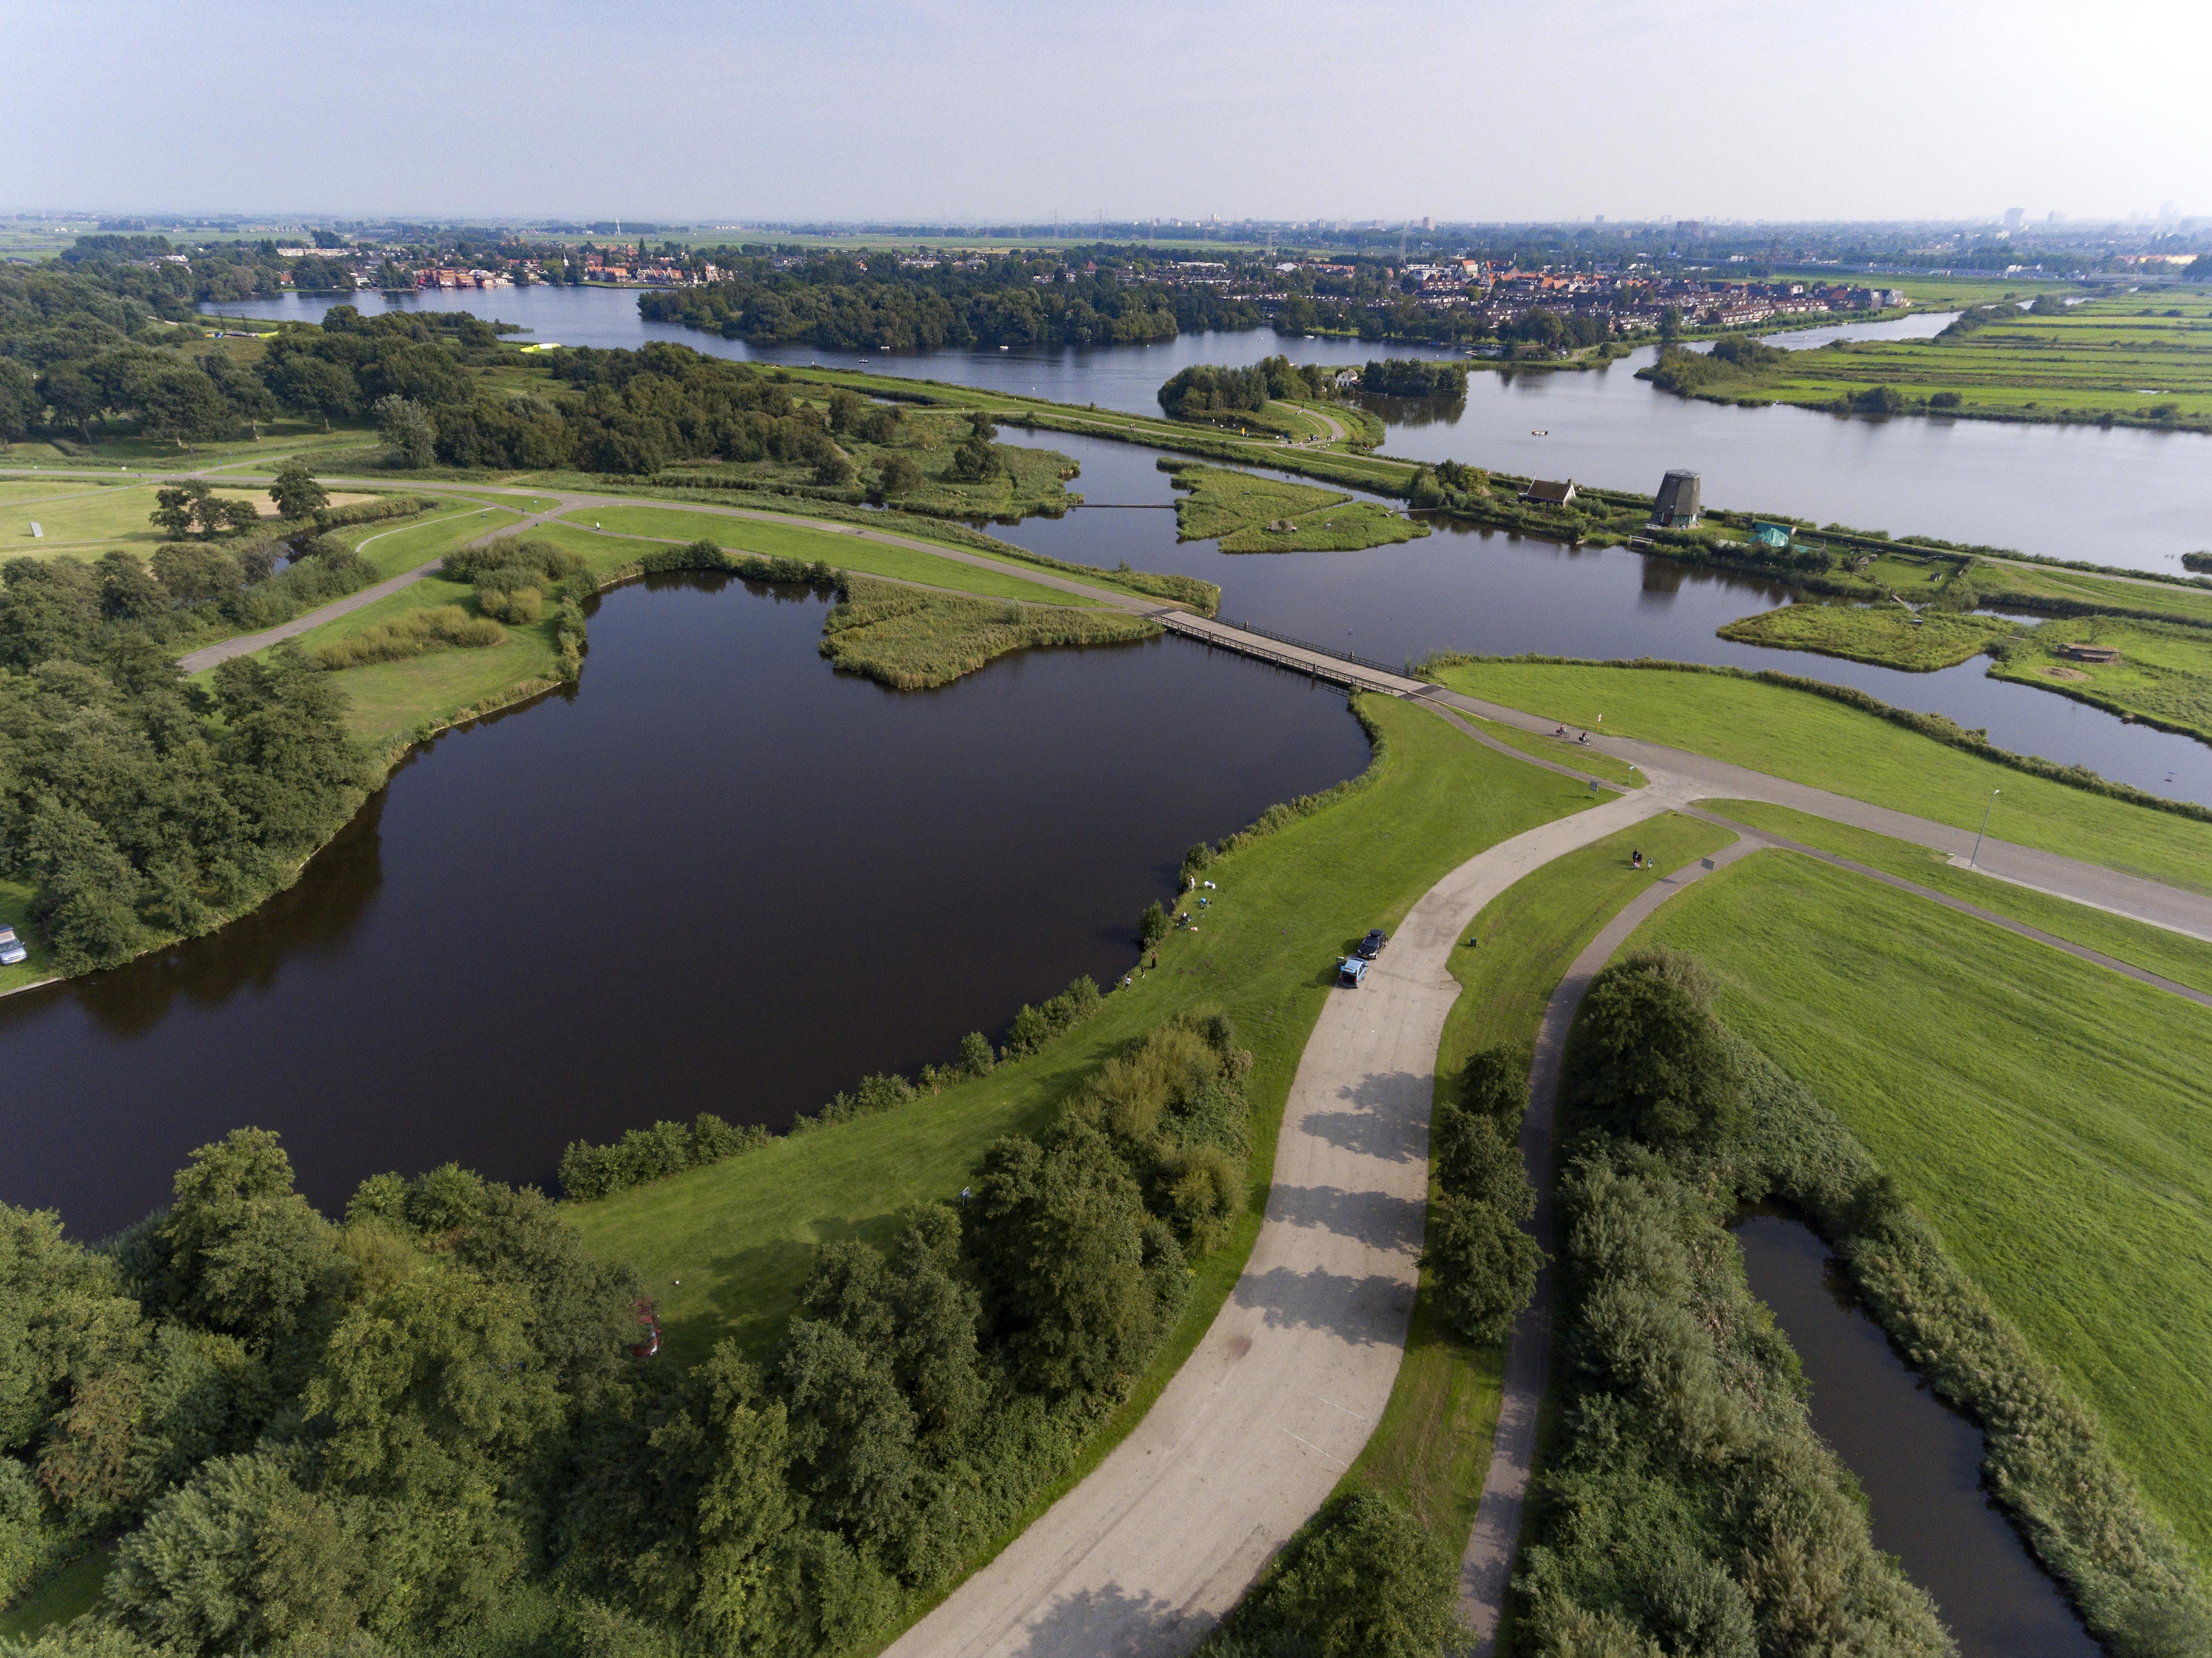 Burgemeesters Oostzaan en Landsmeer drukken inwoners op het hart om uit het Twiske te blijven: 'Anderhalve meter afstand wordt niet in acht genomen'